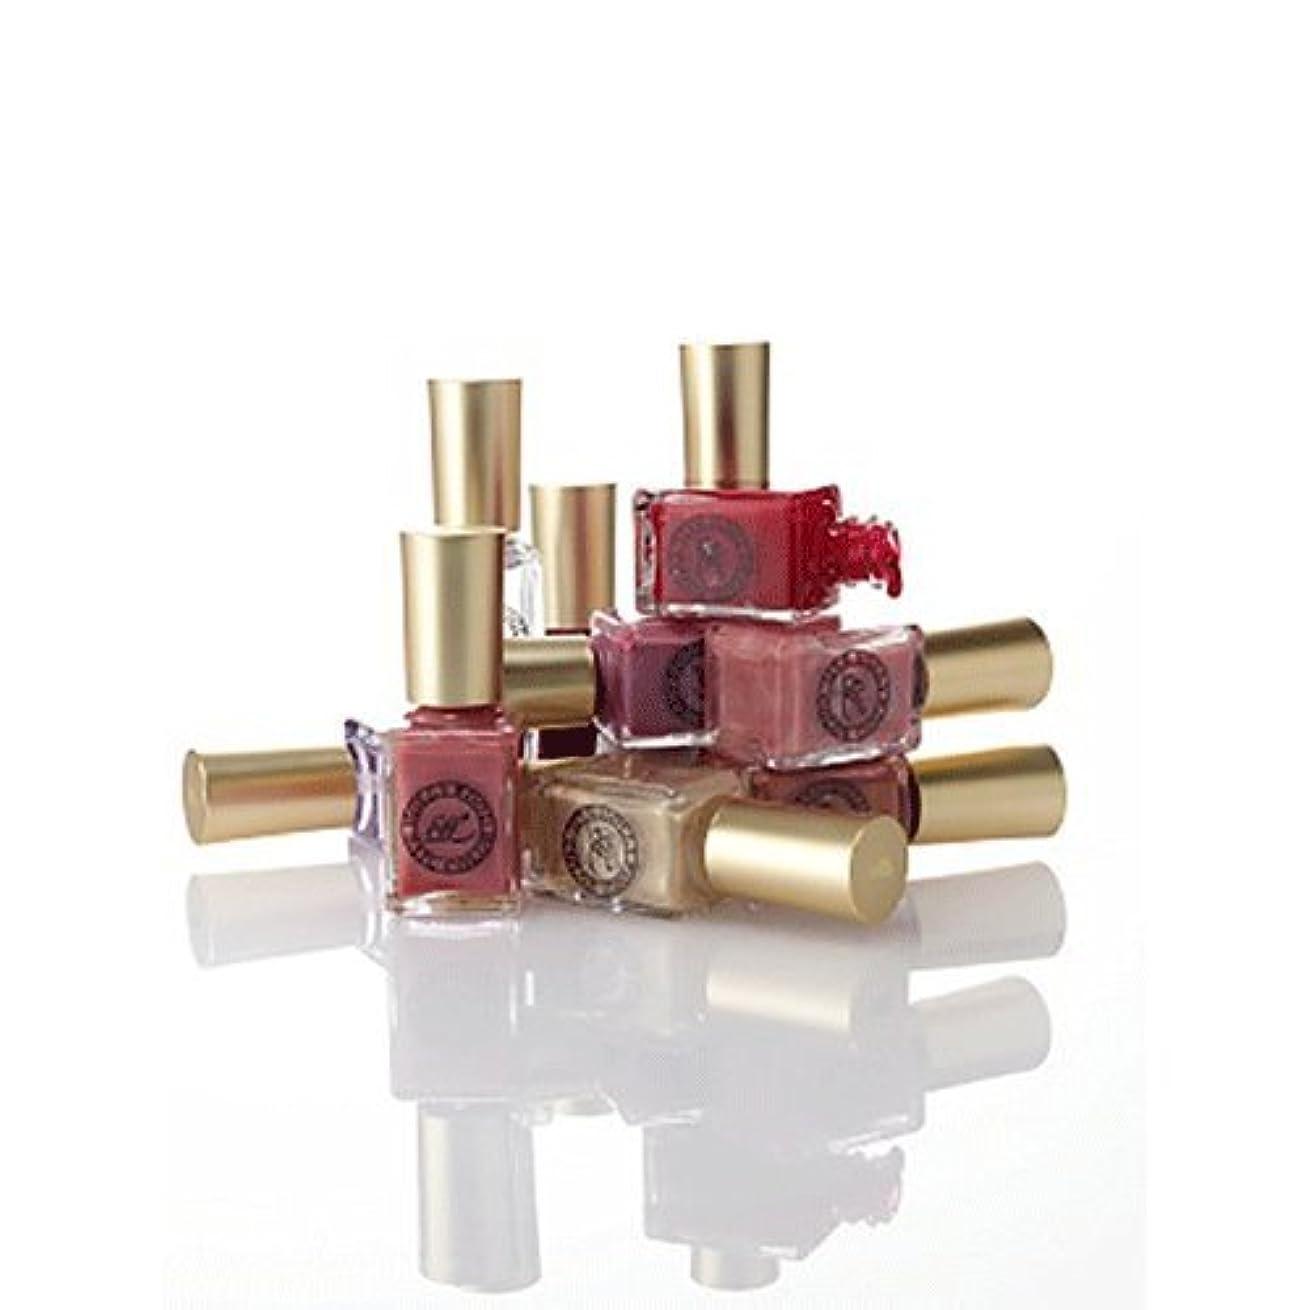 圧倒する溶接線形ハリウッド化粧品 エクセレント ネイルカラーR 325